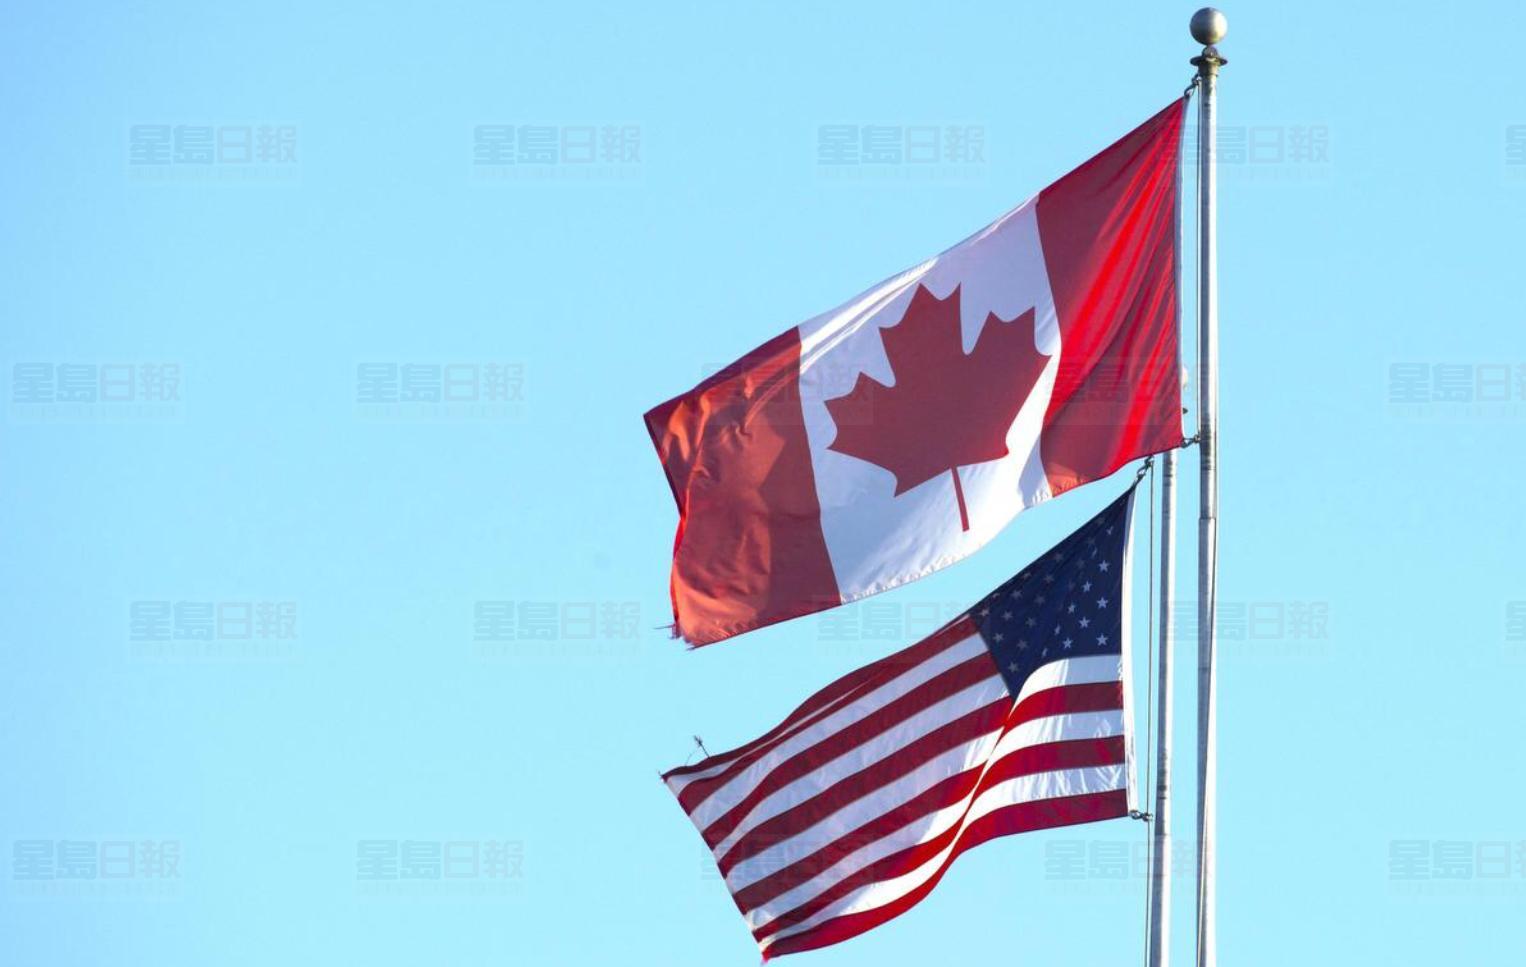 全球最具競爭力經濟體排名 加拿大首次超越美國 | 多倫多 | 加拿大中文新聞網 - 加拿大星島日報 Canada Chinese News